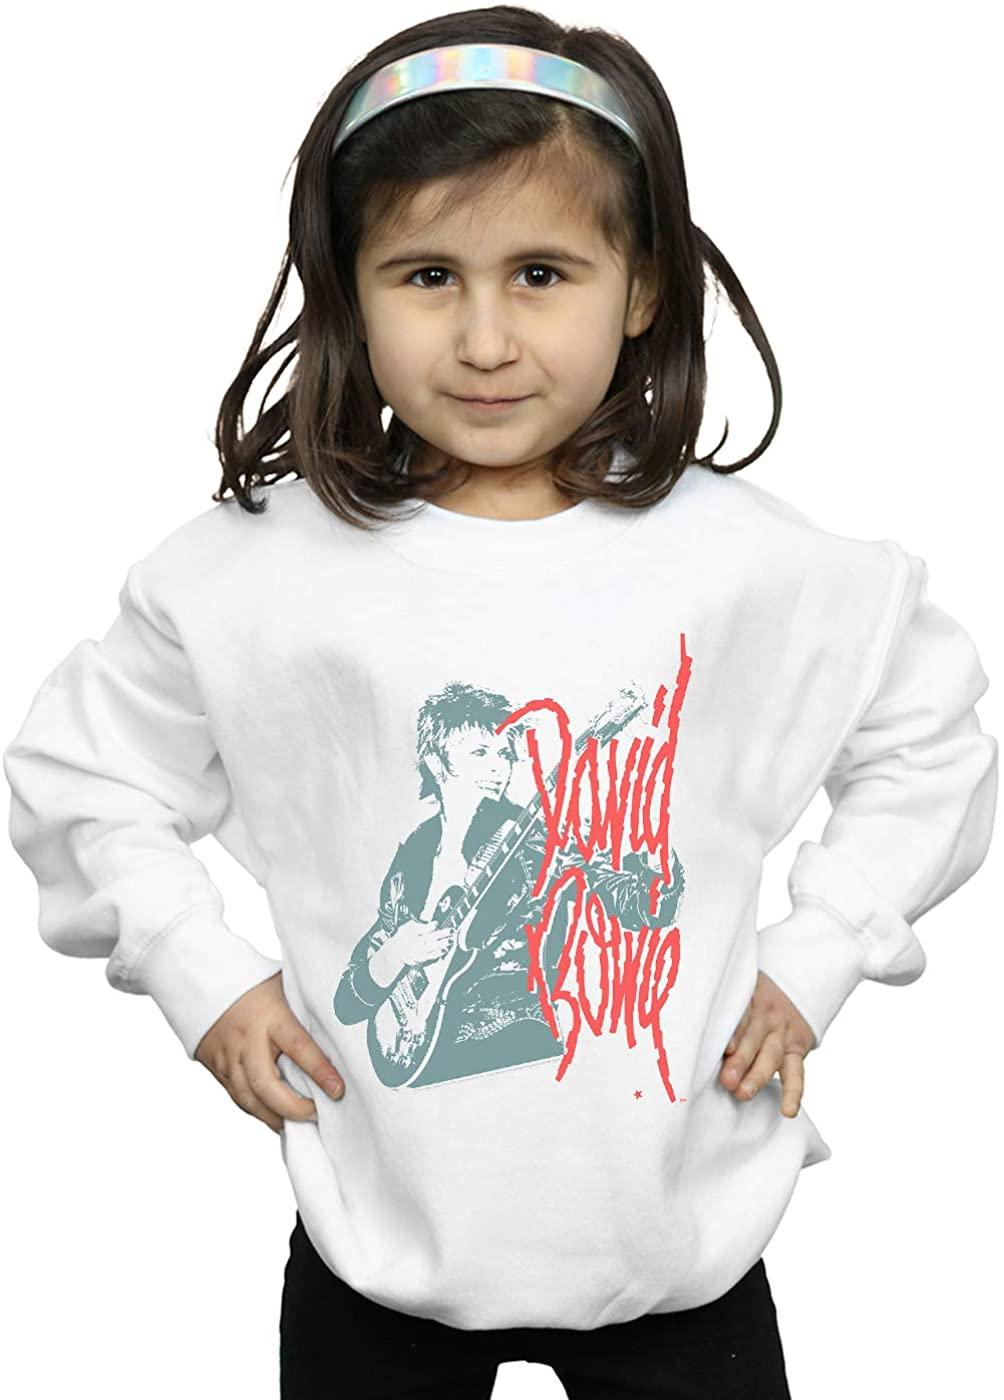 ABSOLUTECULT David Bowie Girls Mono Guitar Sweatshirt